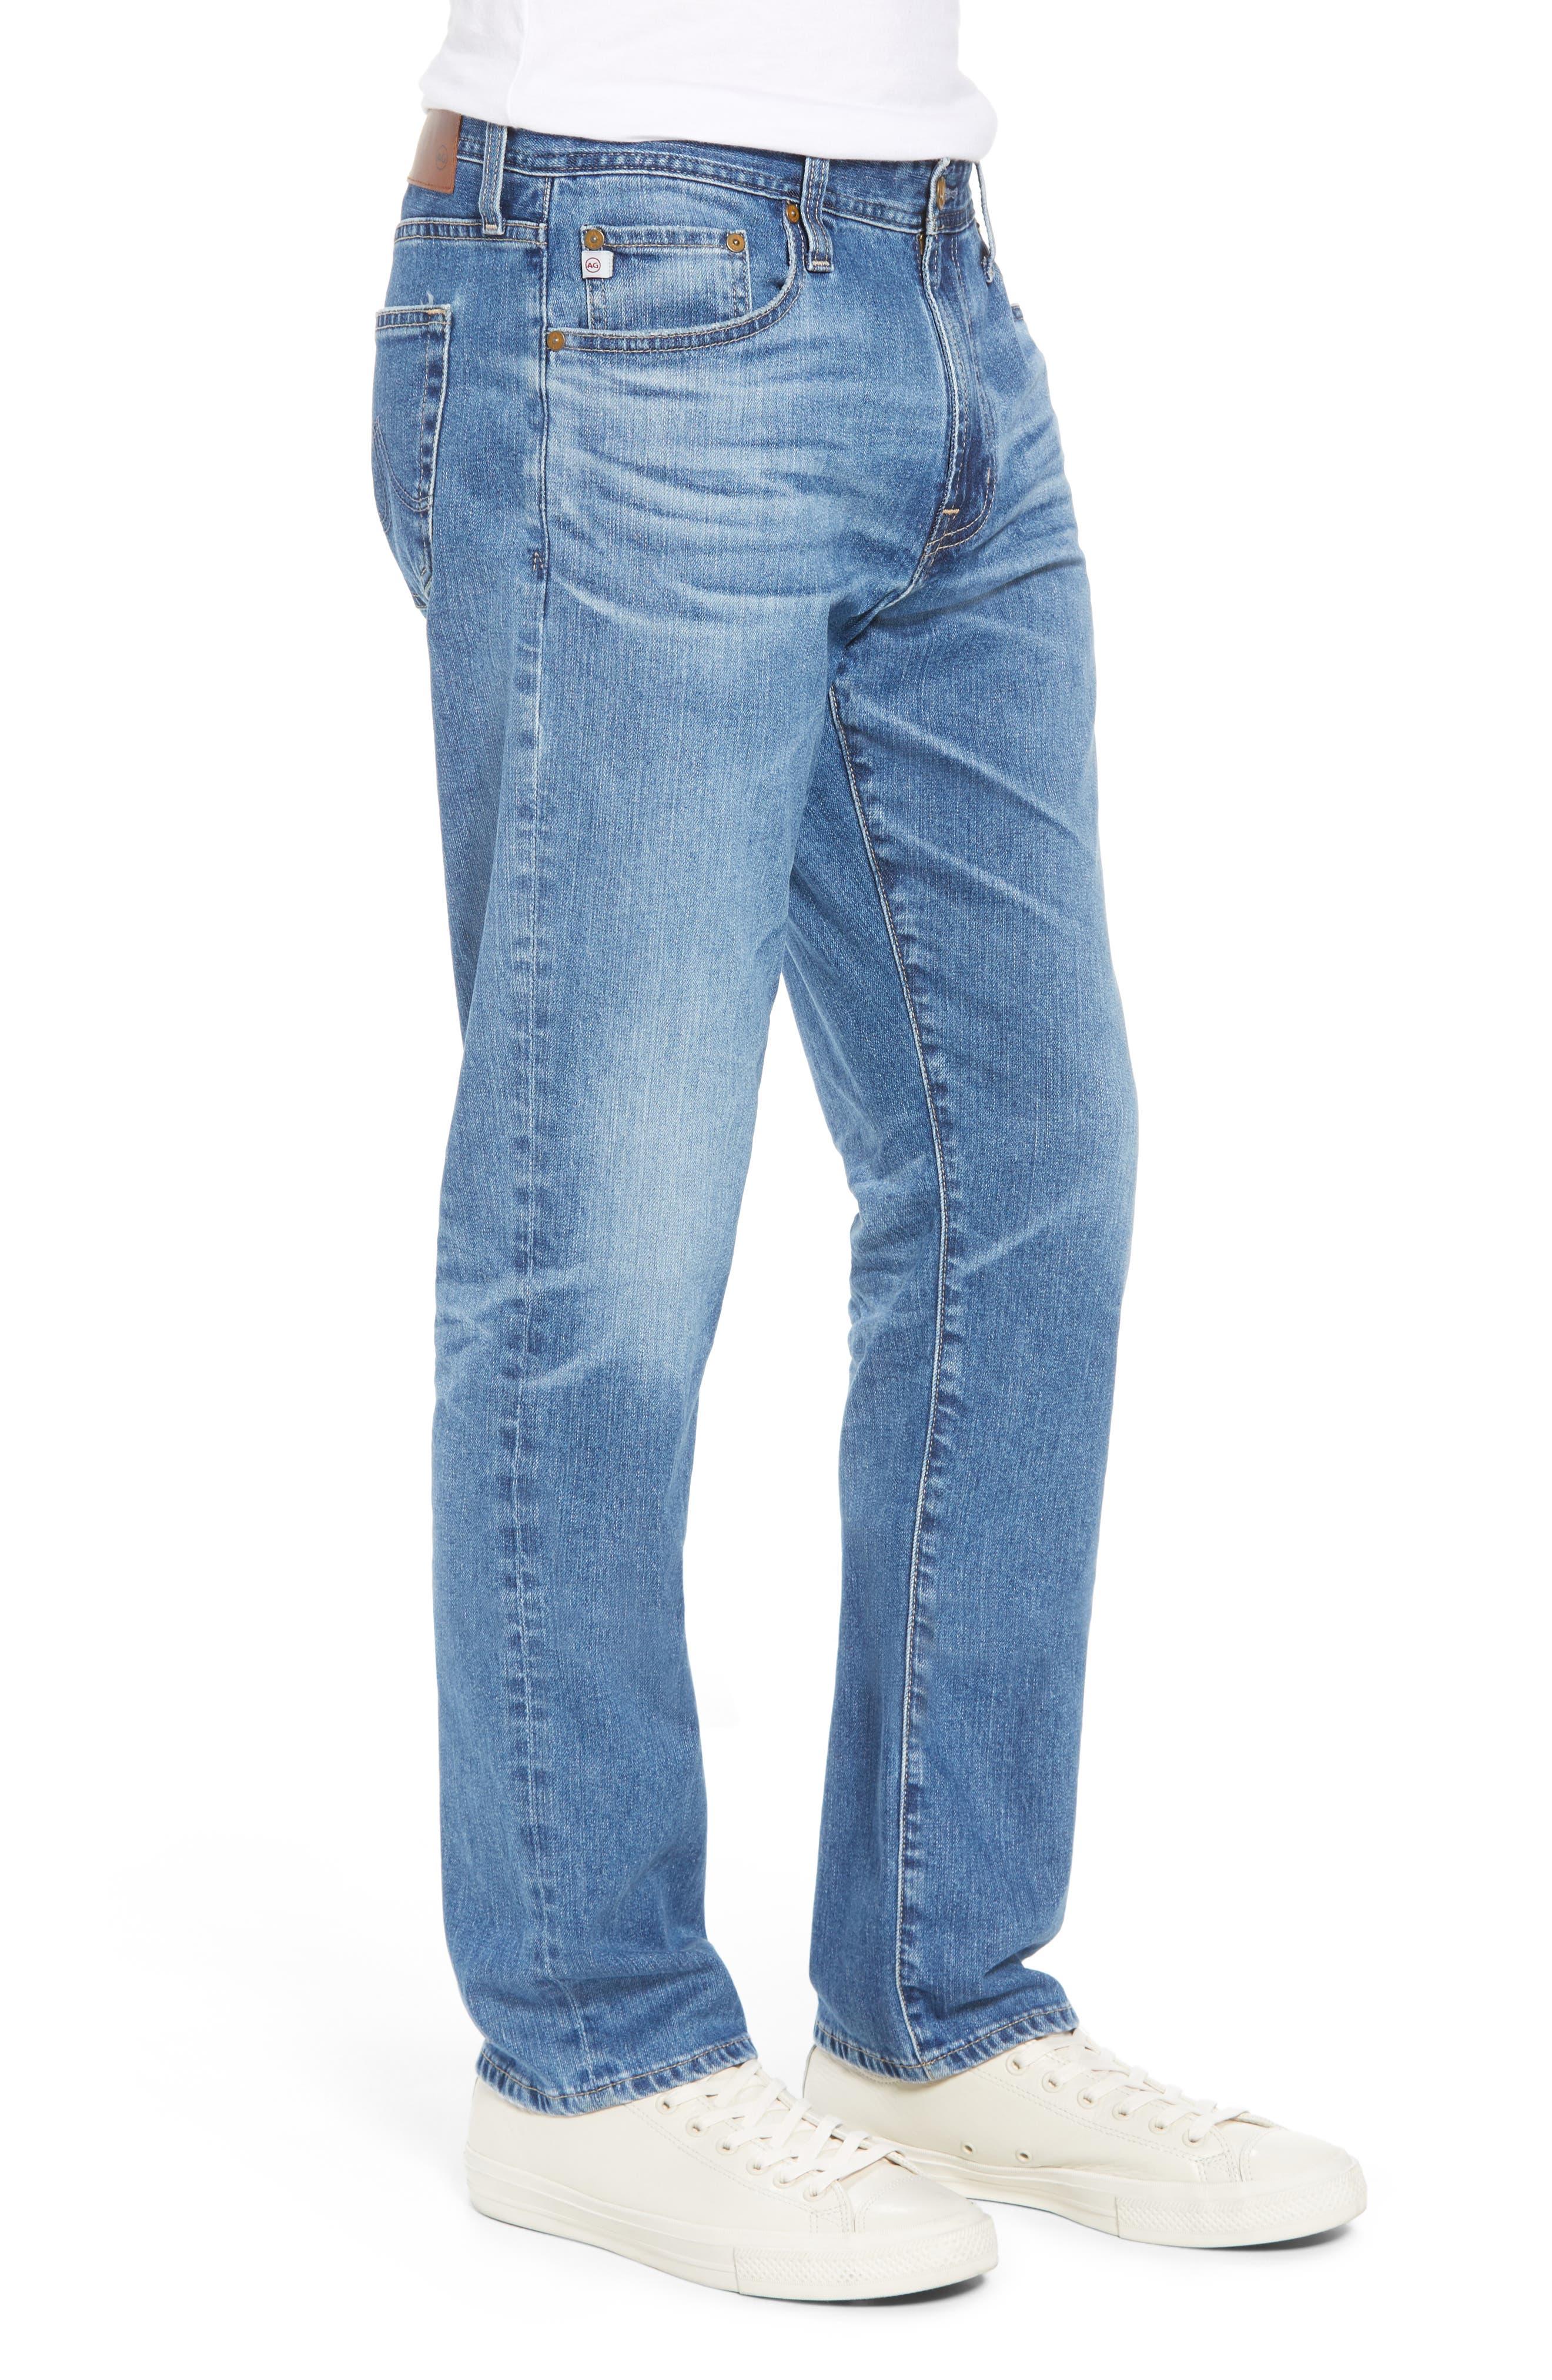 Everett Slim Straight Leg Jeans,                             Alternate thumbnail 3, color,                             15 Years Open Road